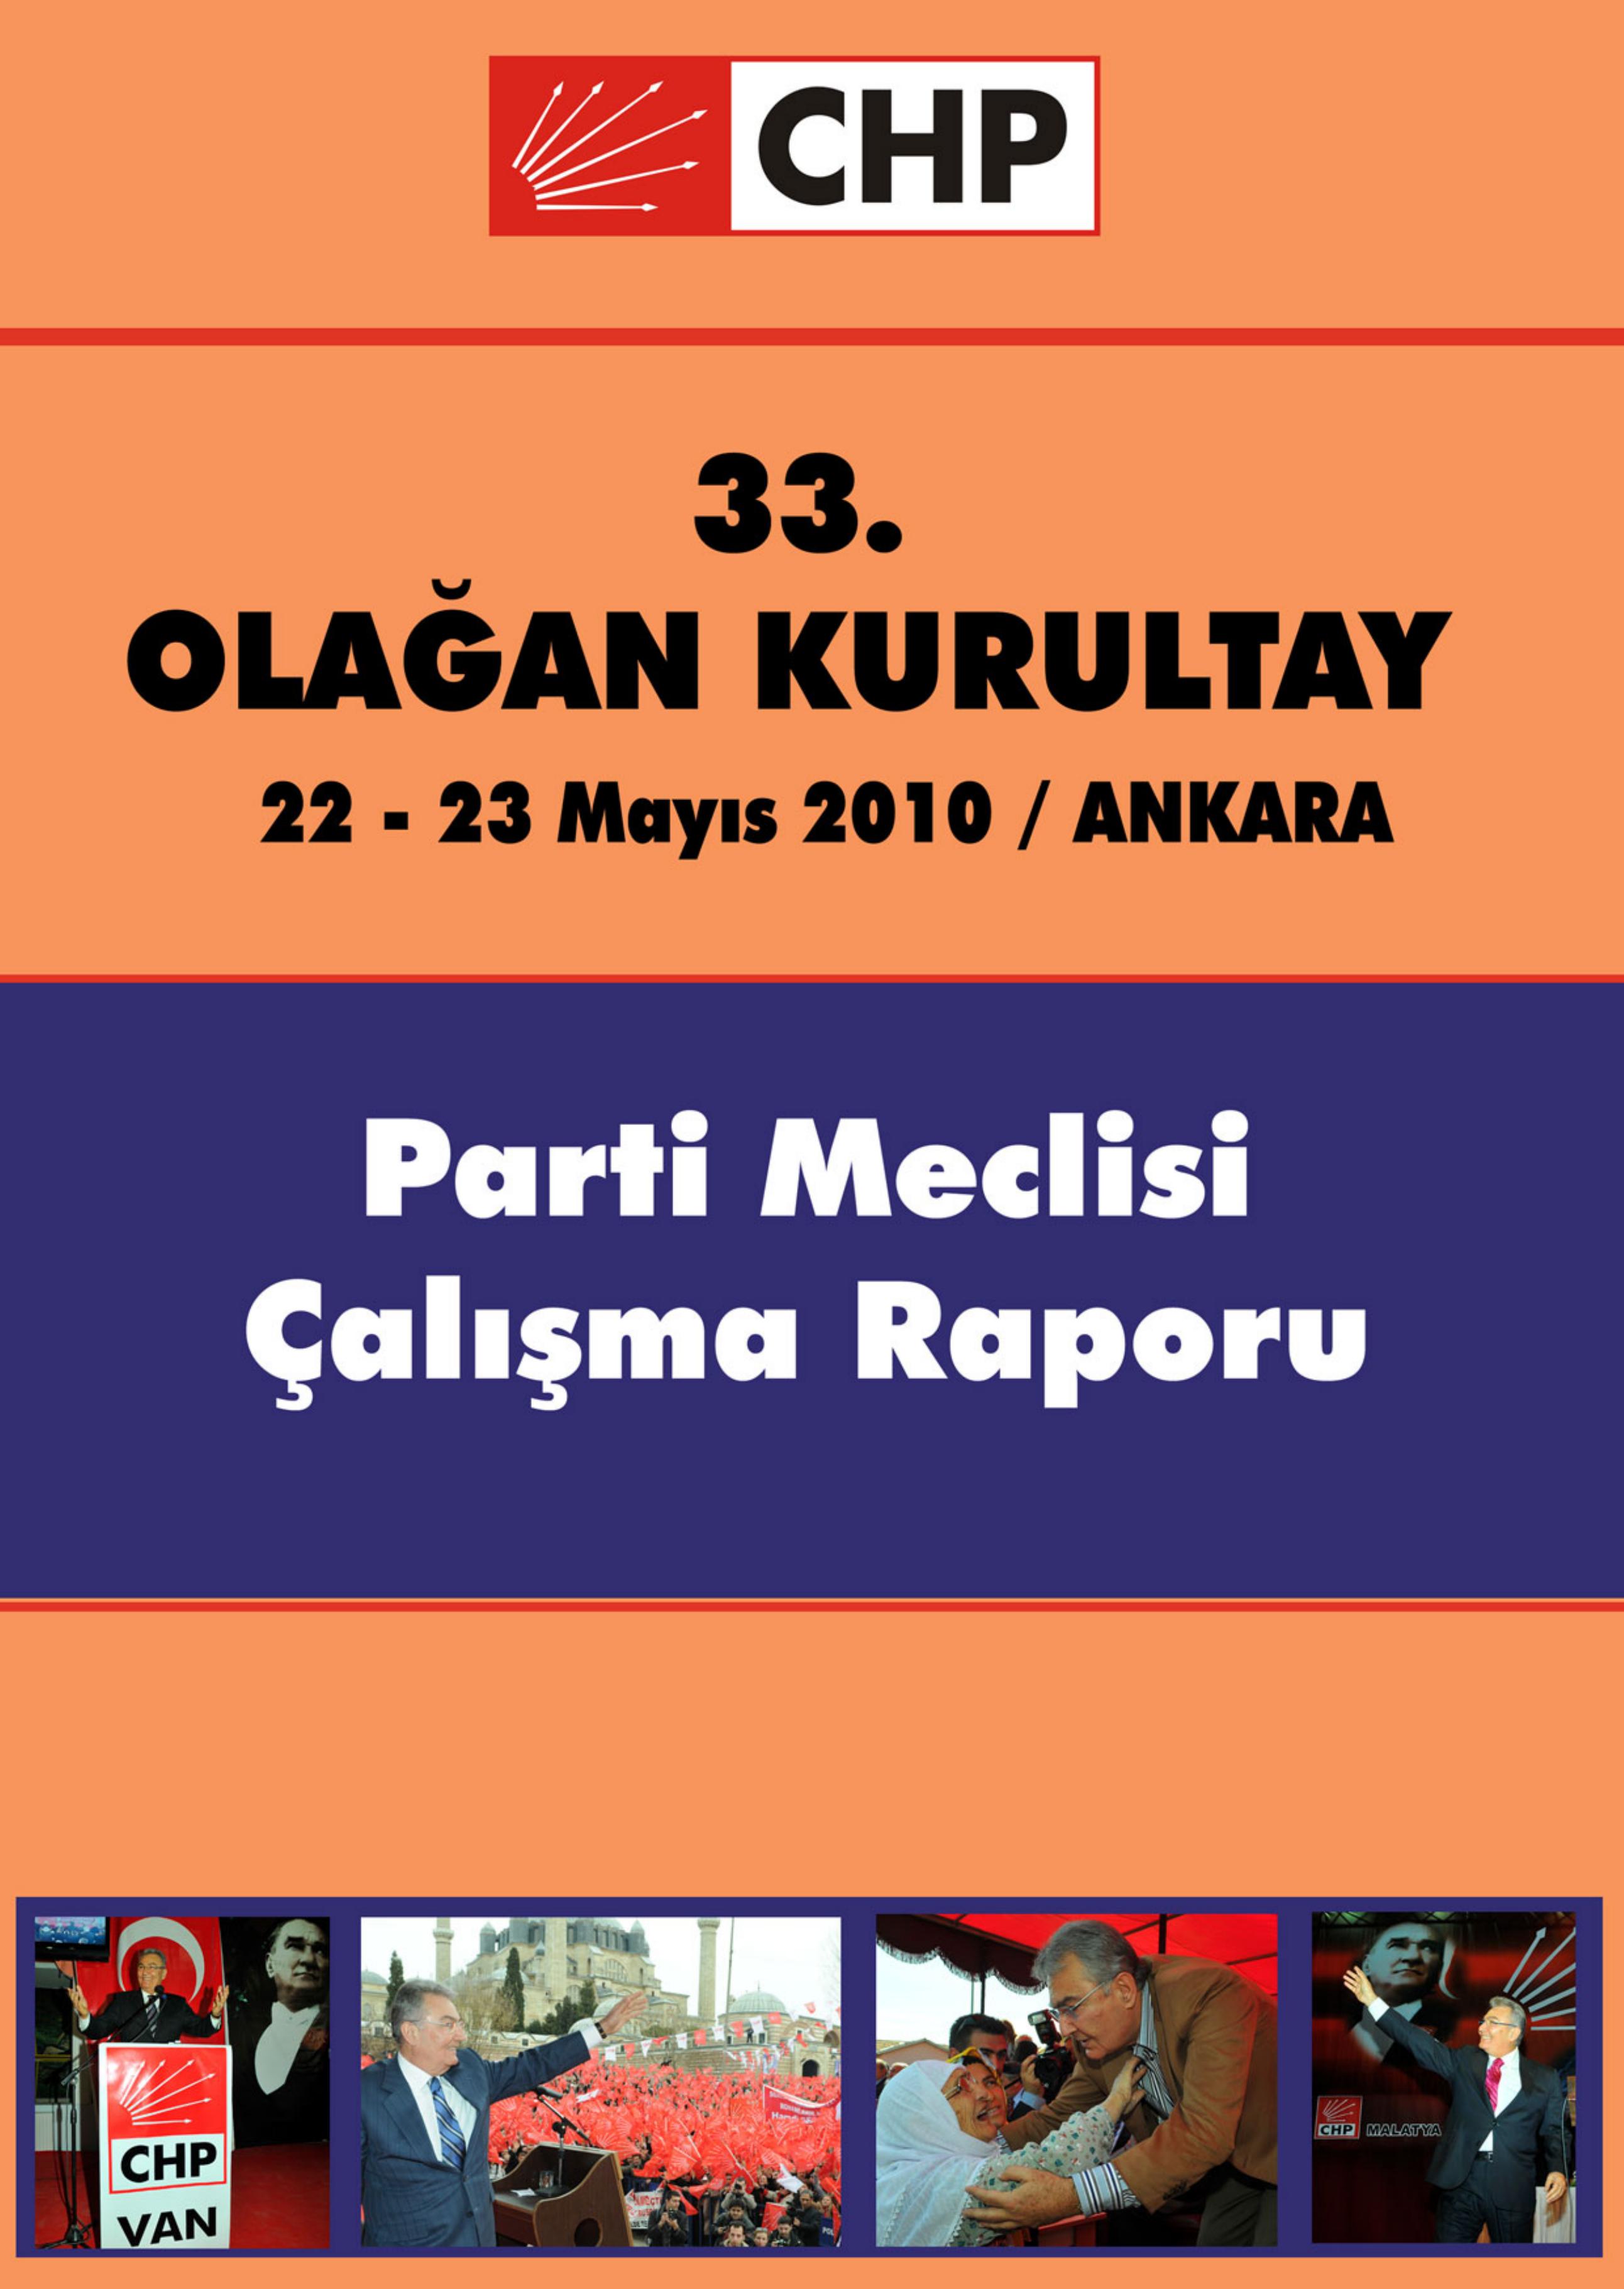 33 Olagan Kurultay Parti Meclisi Calisma Raporu